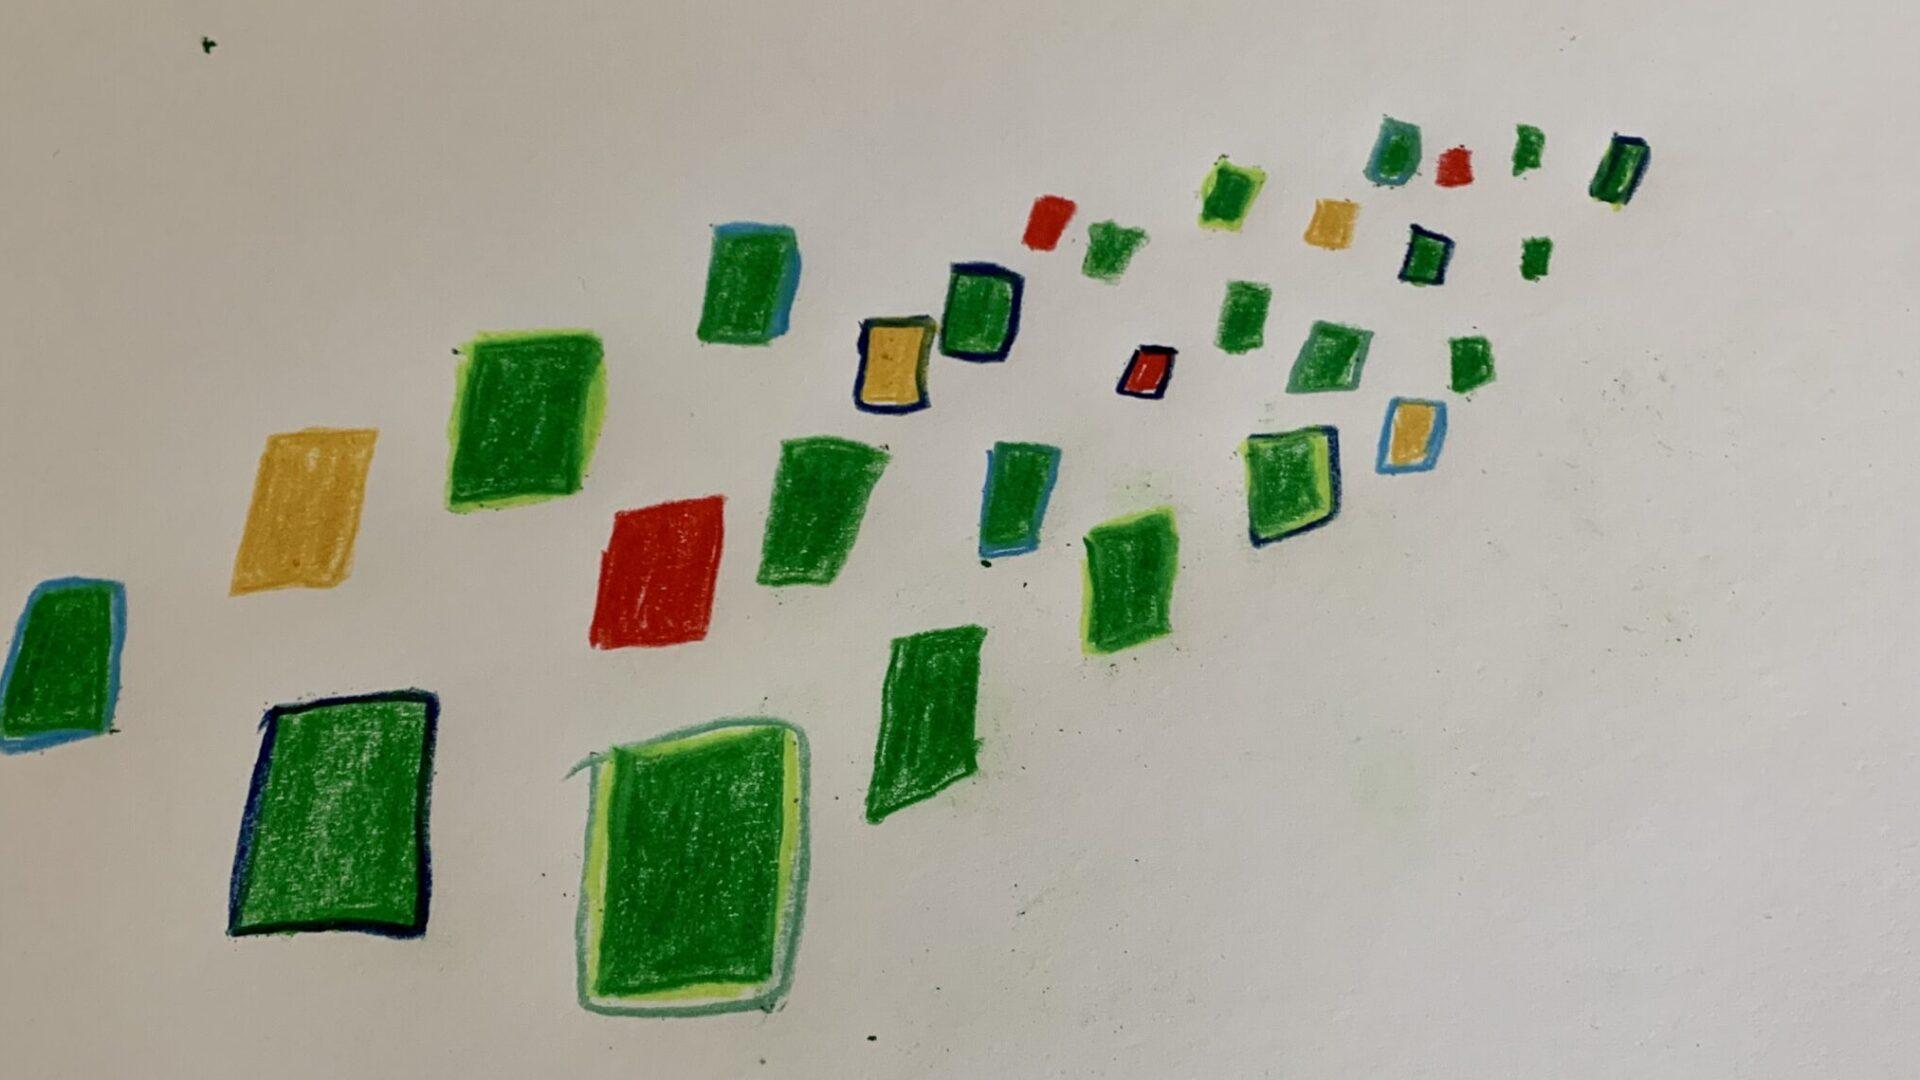 Viele grüne, wenige rote und gelbe Rechtecke